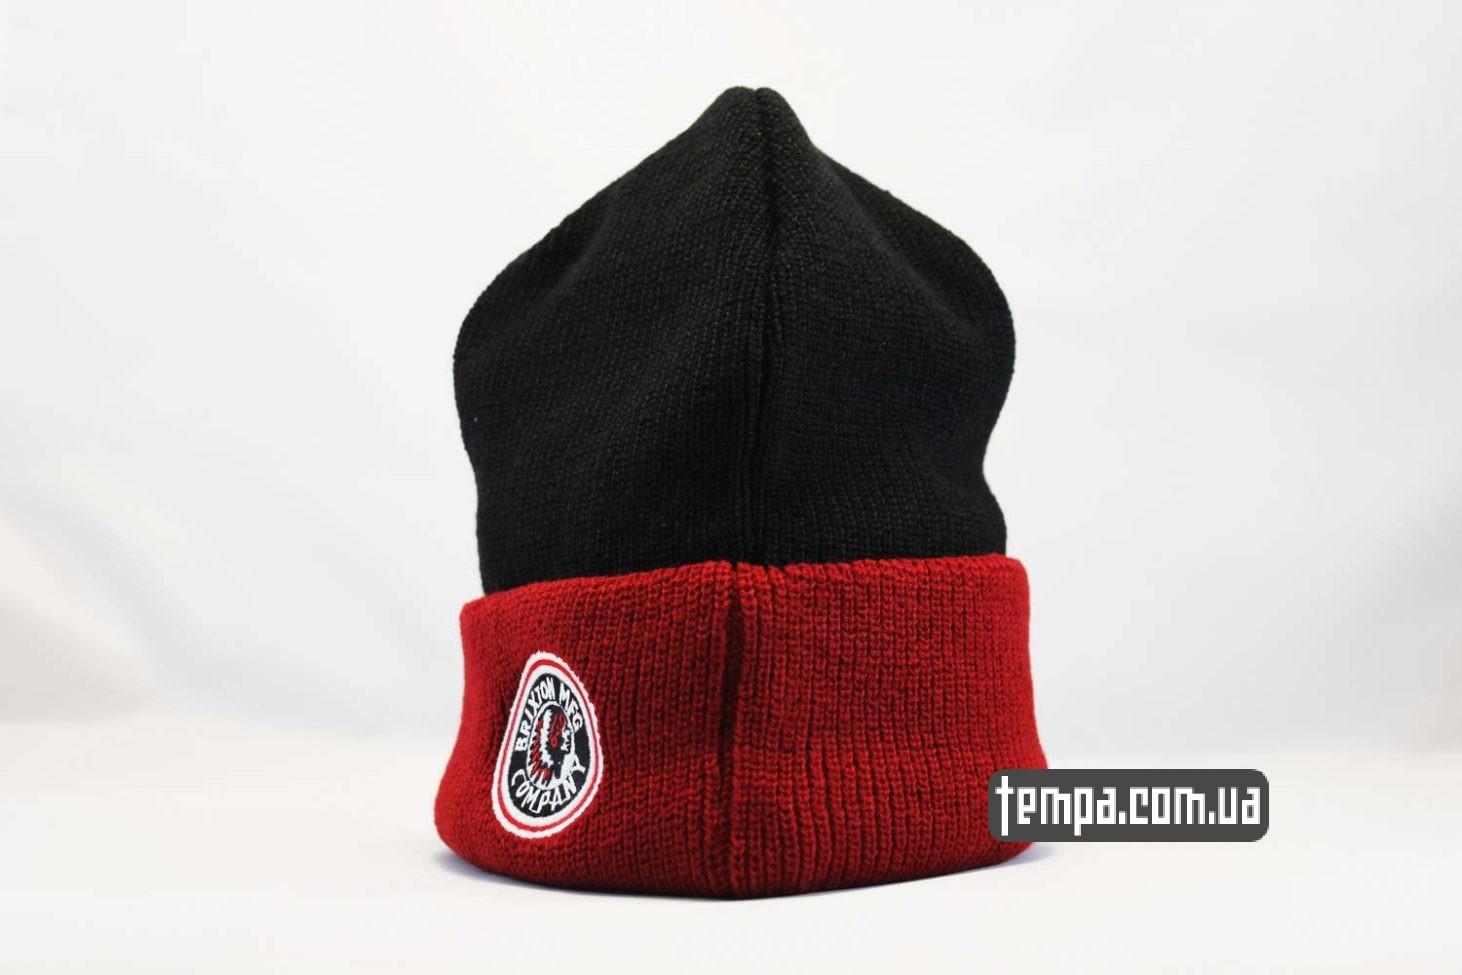 украина магазин зимних шапок шапка beanie brixxton mfg company indian красная черная с индейцем